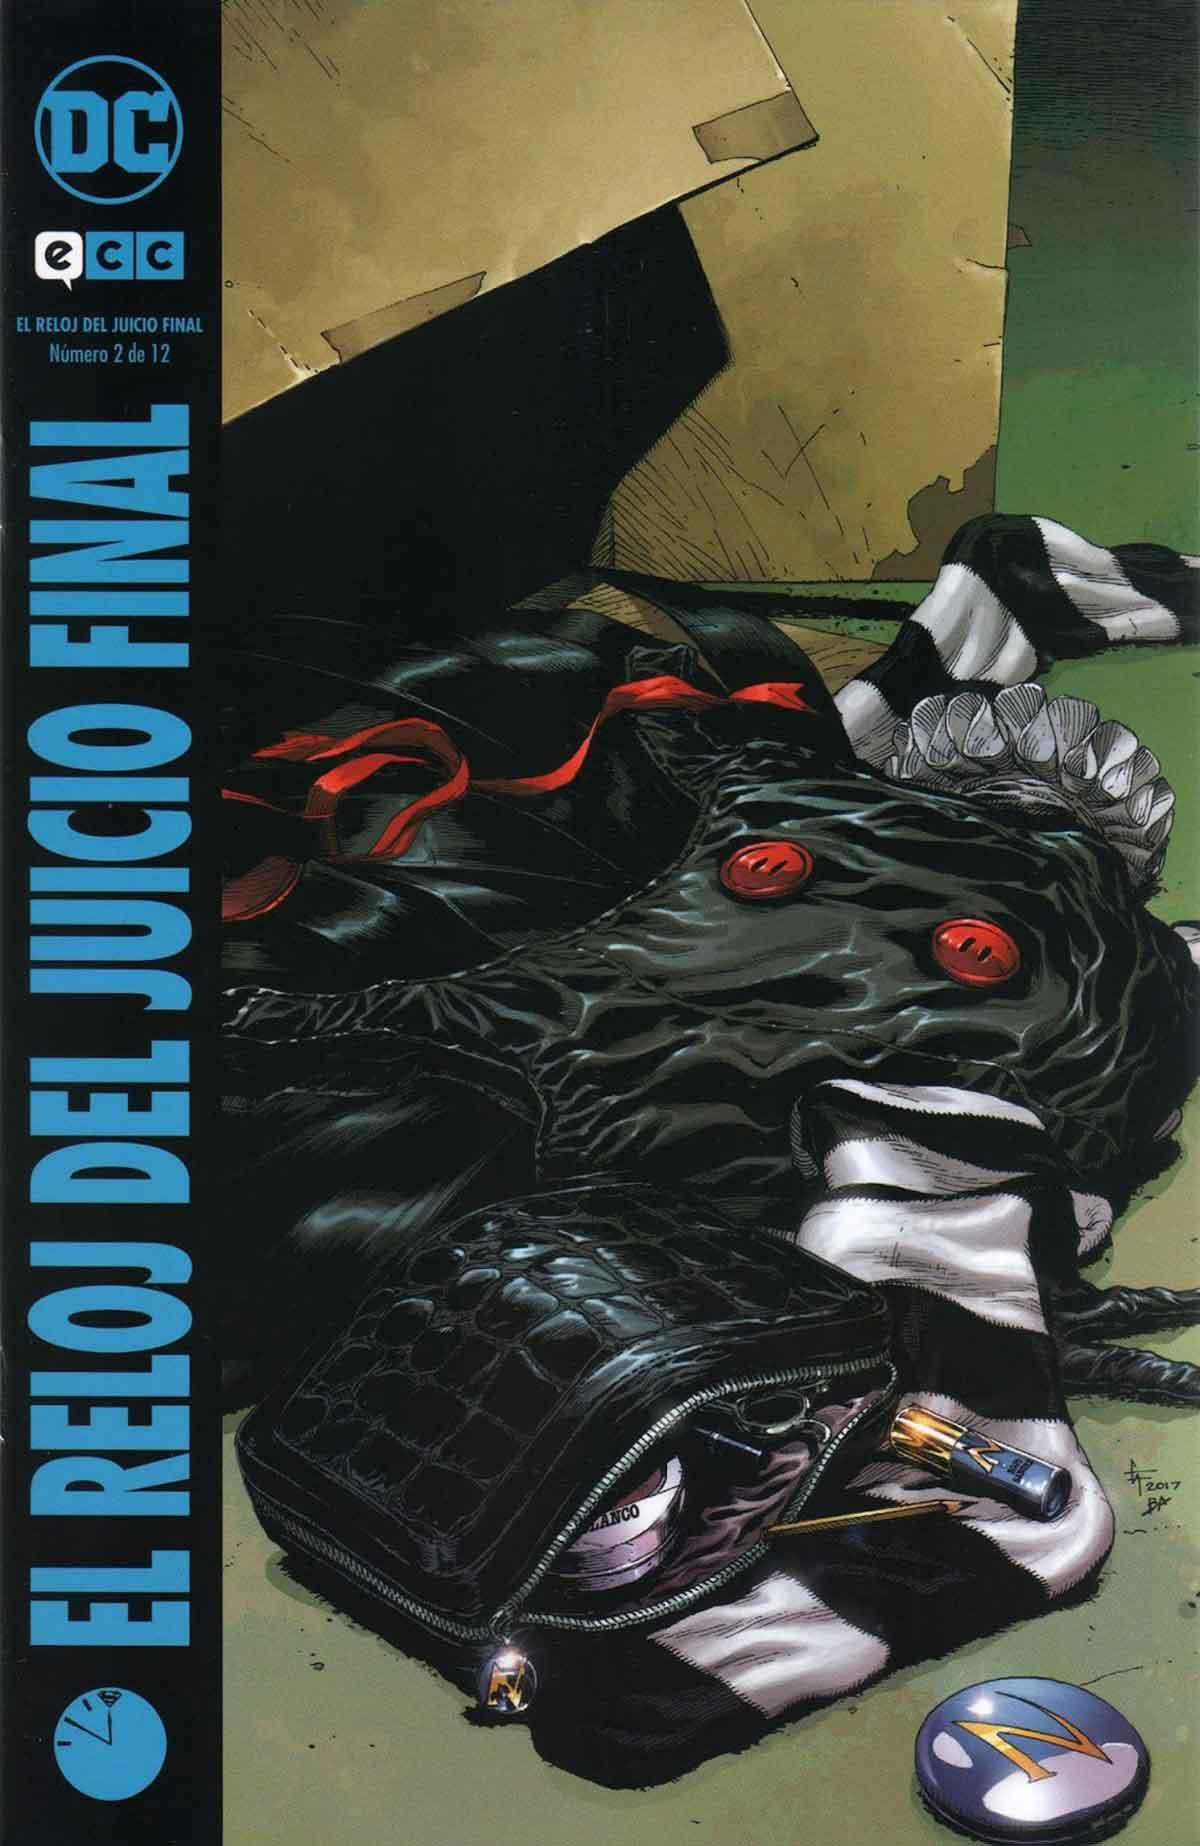 El reloj del Juicio Final 2. El objetivo principal de la serie toma cuerpo en esta segunda entrega, unificar ambos mundos, DC y Watchmen.